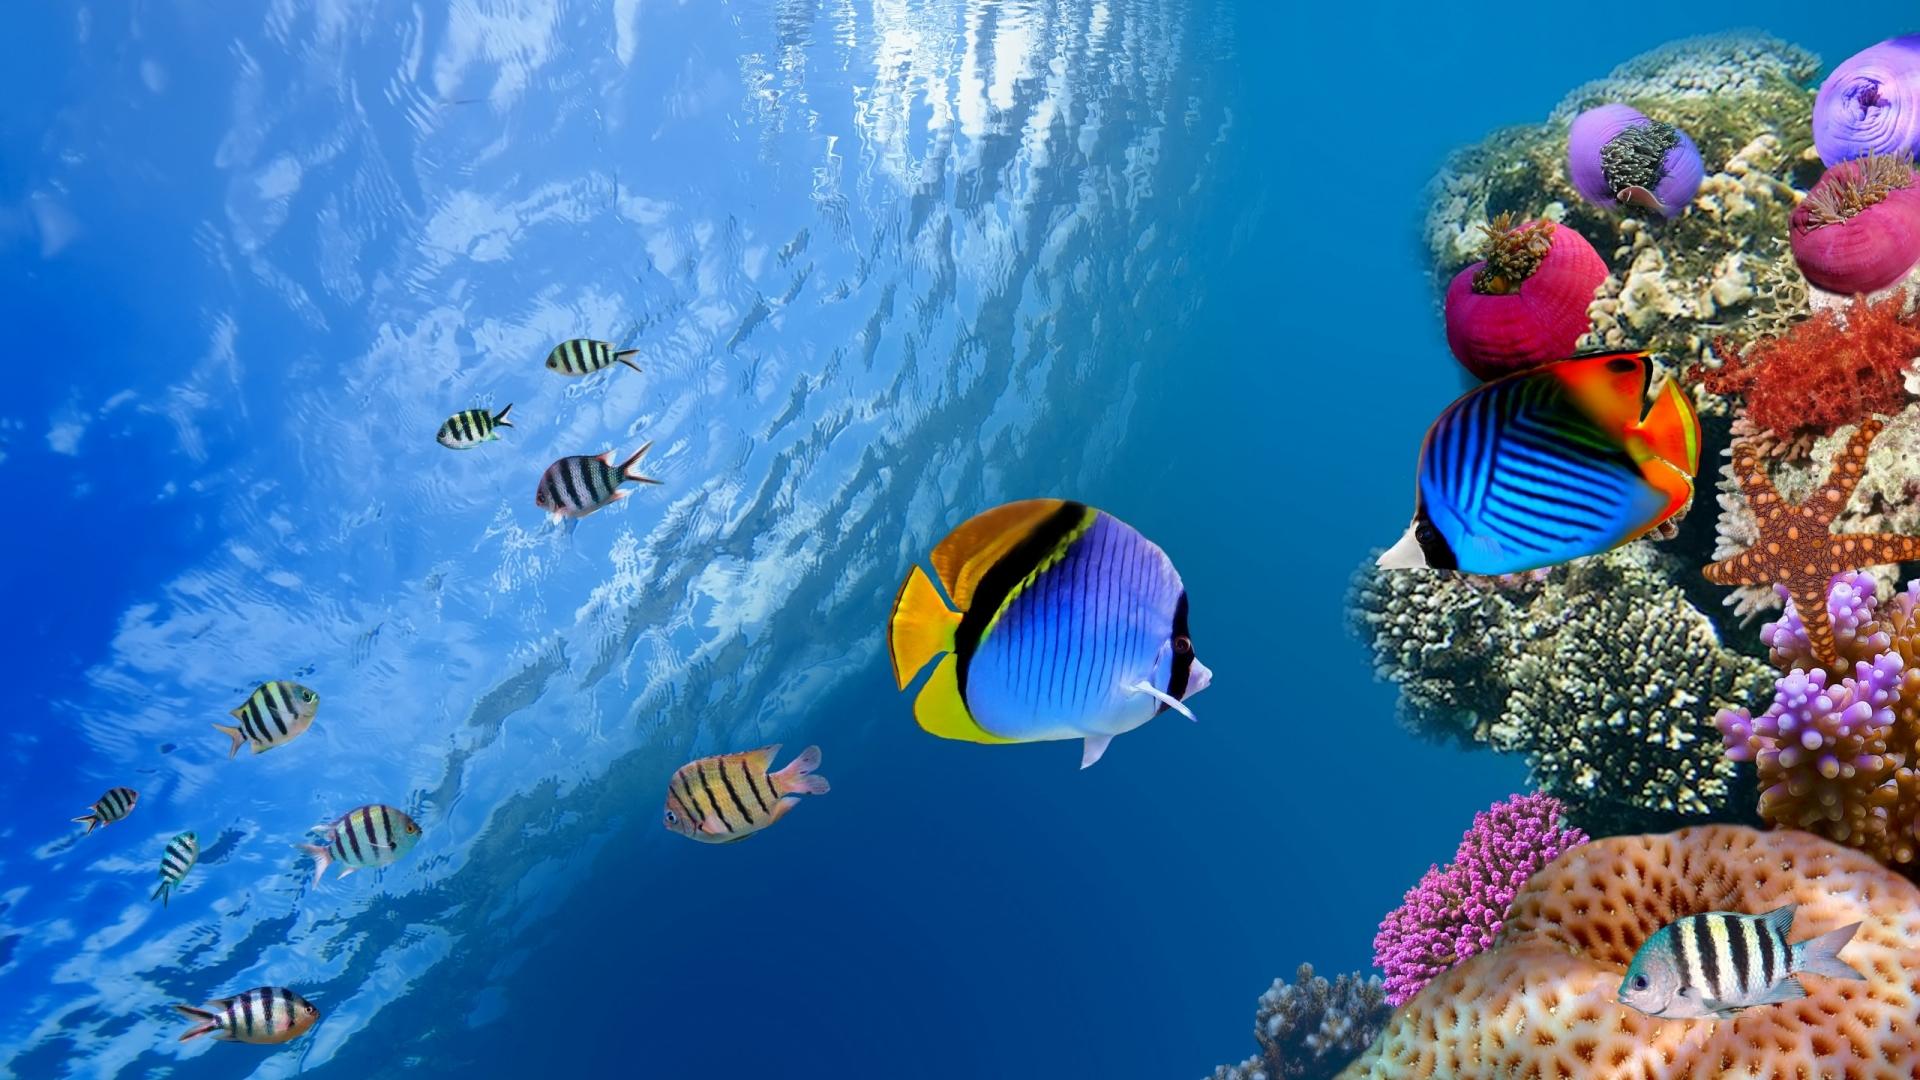 hd ocean scene wallpapers - wallpapersafari